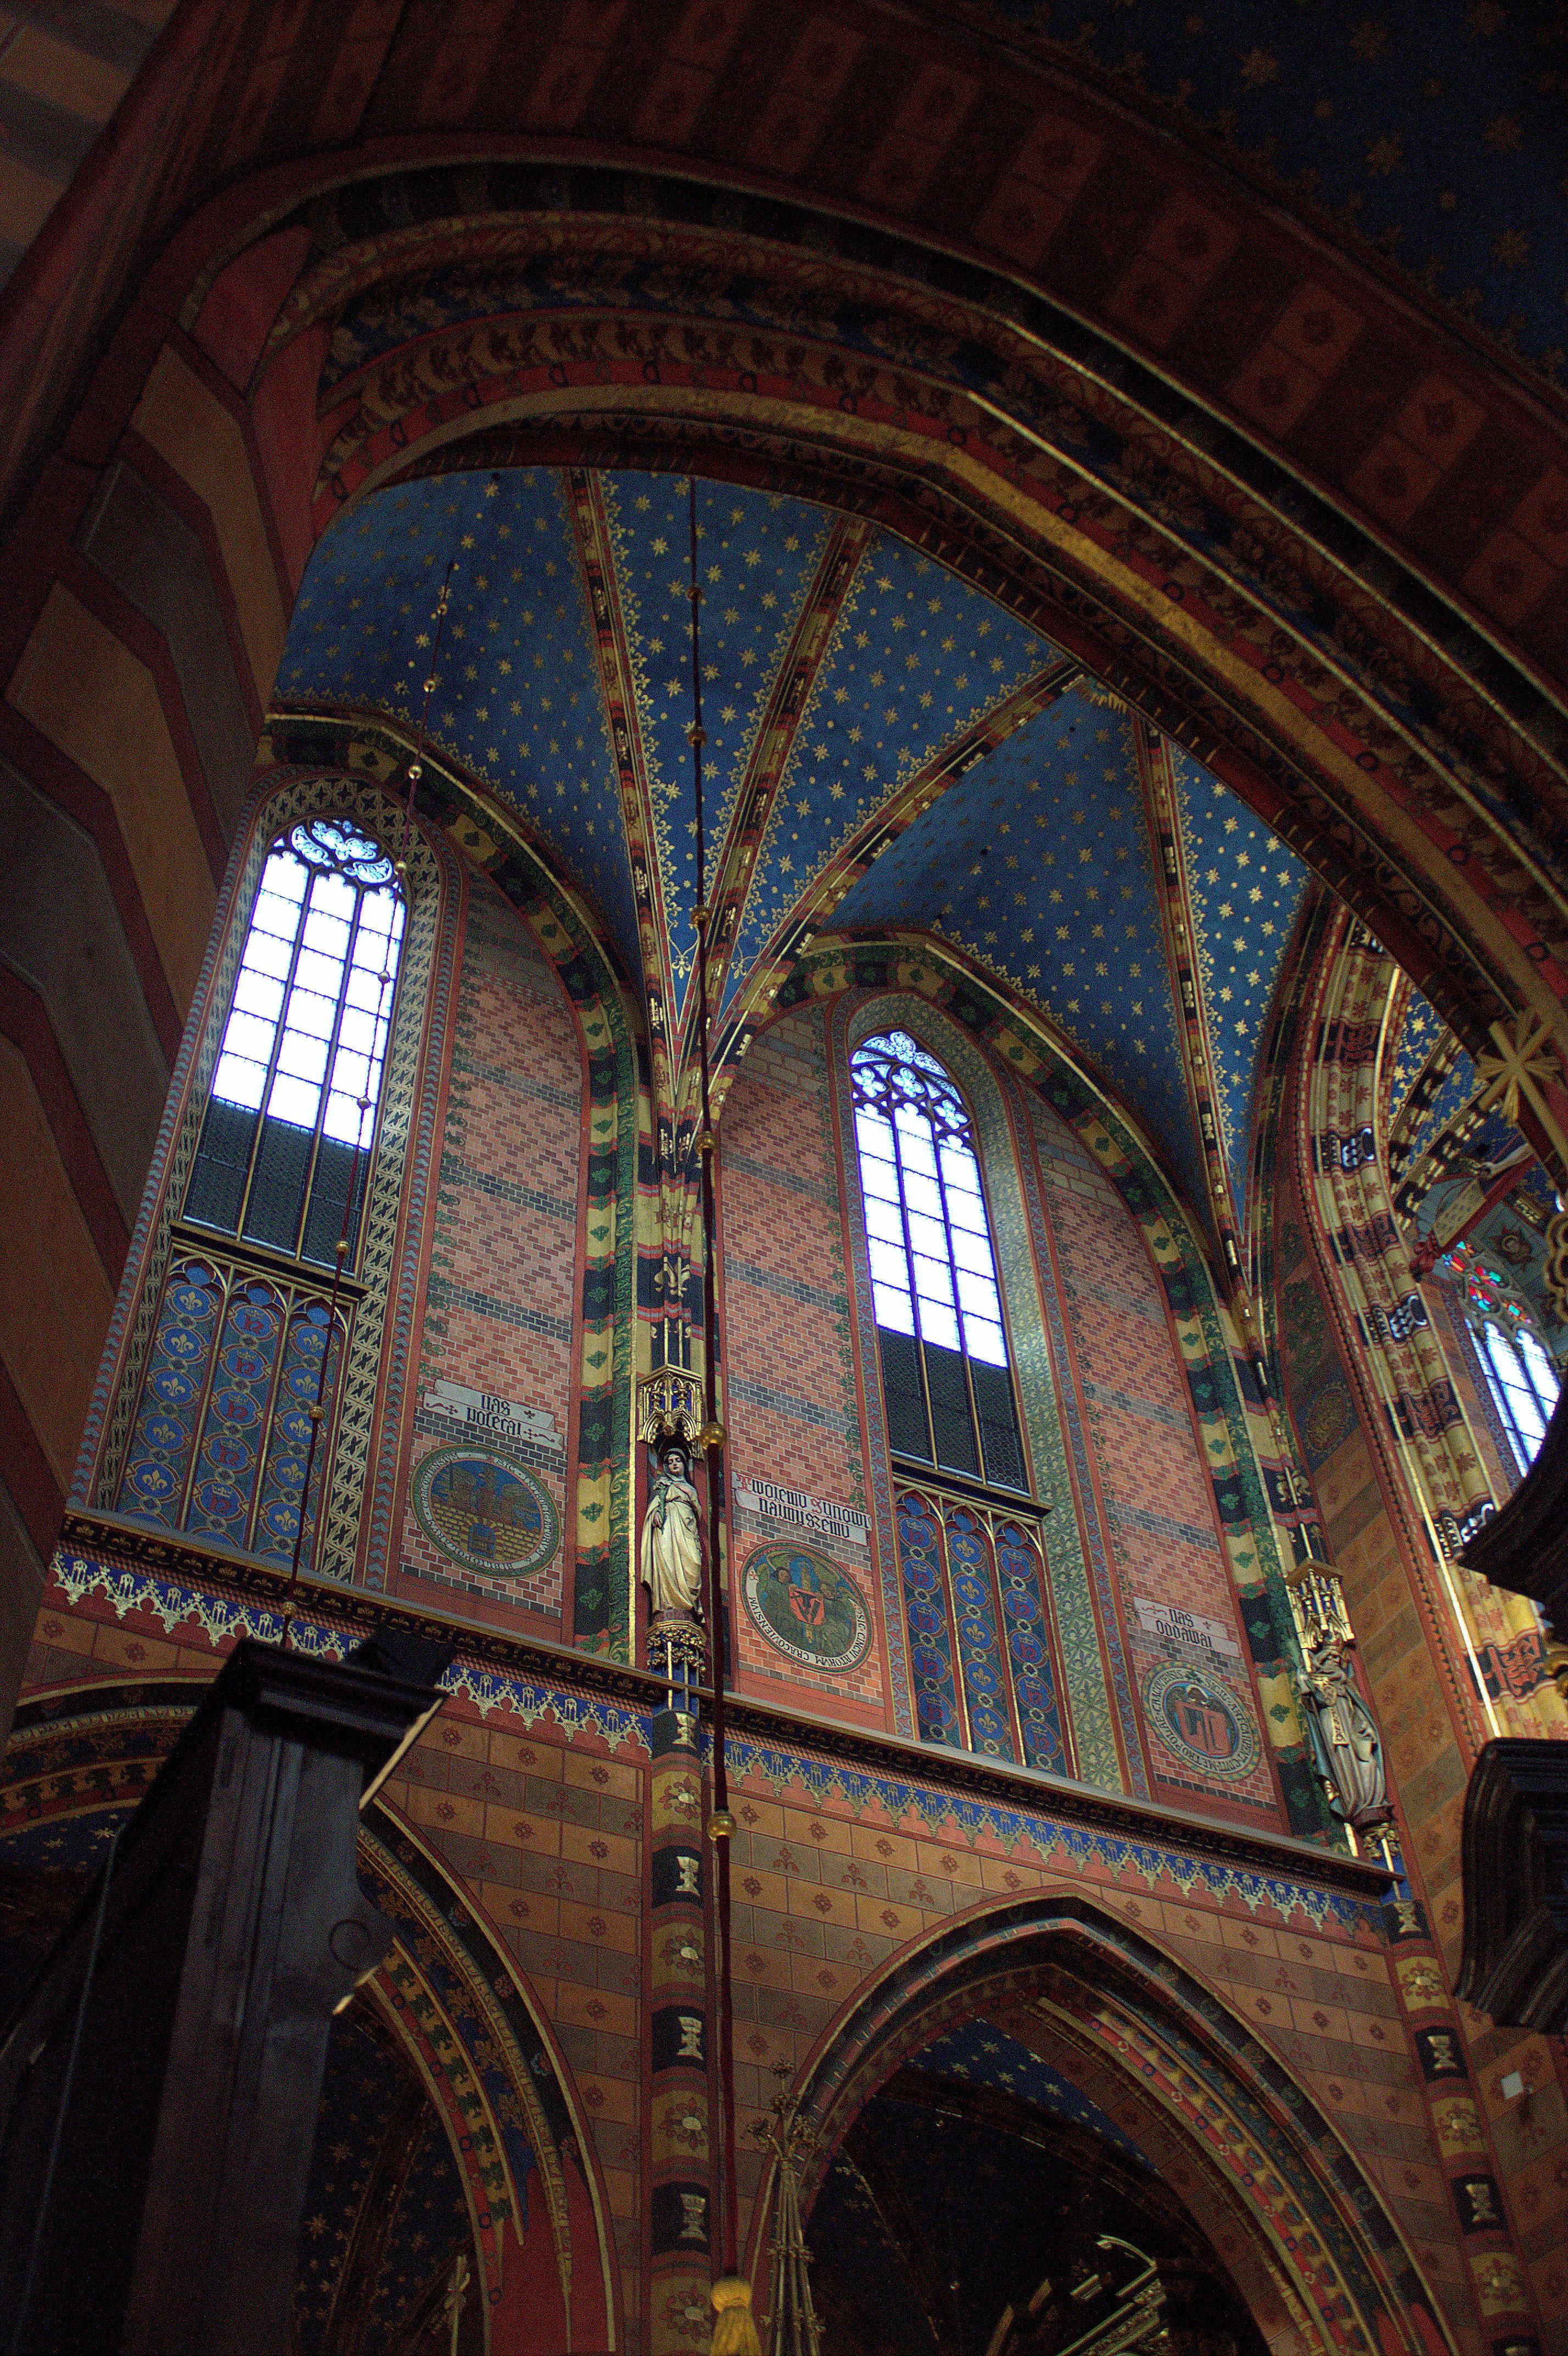 32. St Mary's Basilica, Krakow, Poland